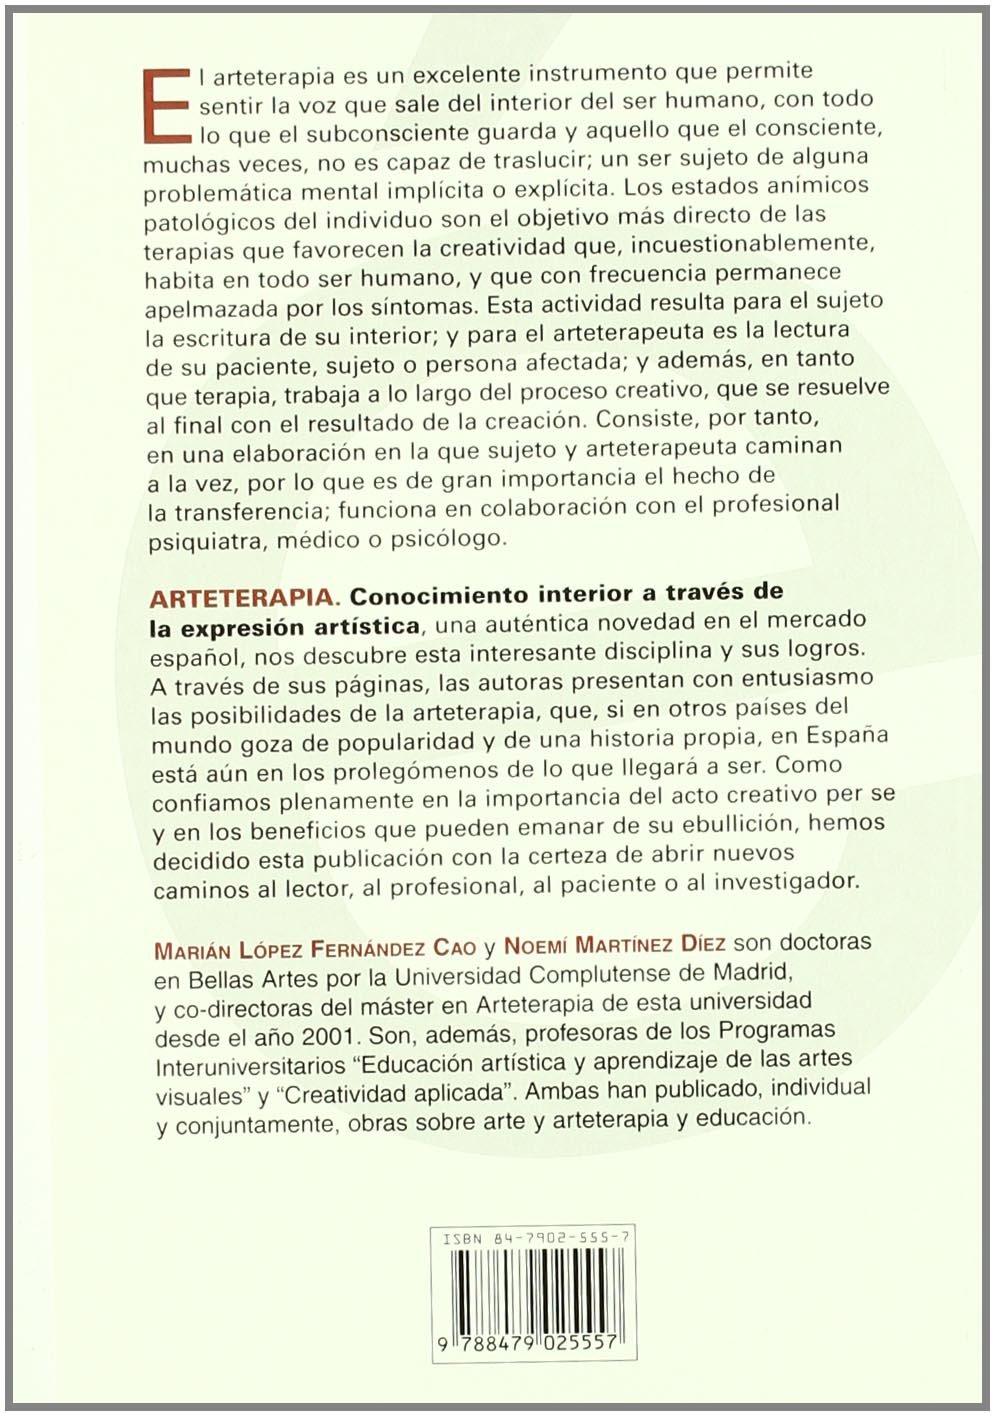 ARTETERAPIA. Conocimiento interior a través de la expresión artística Enfasis: Amazon.es: Marián López Fernández Cao, Noemí Martínez Díez: Libros